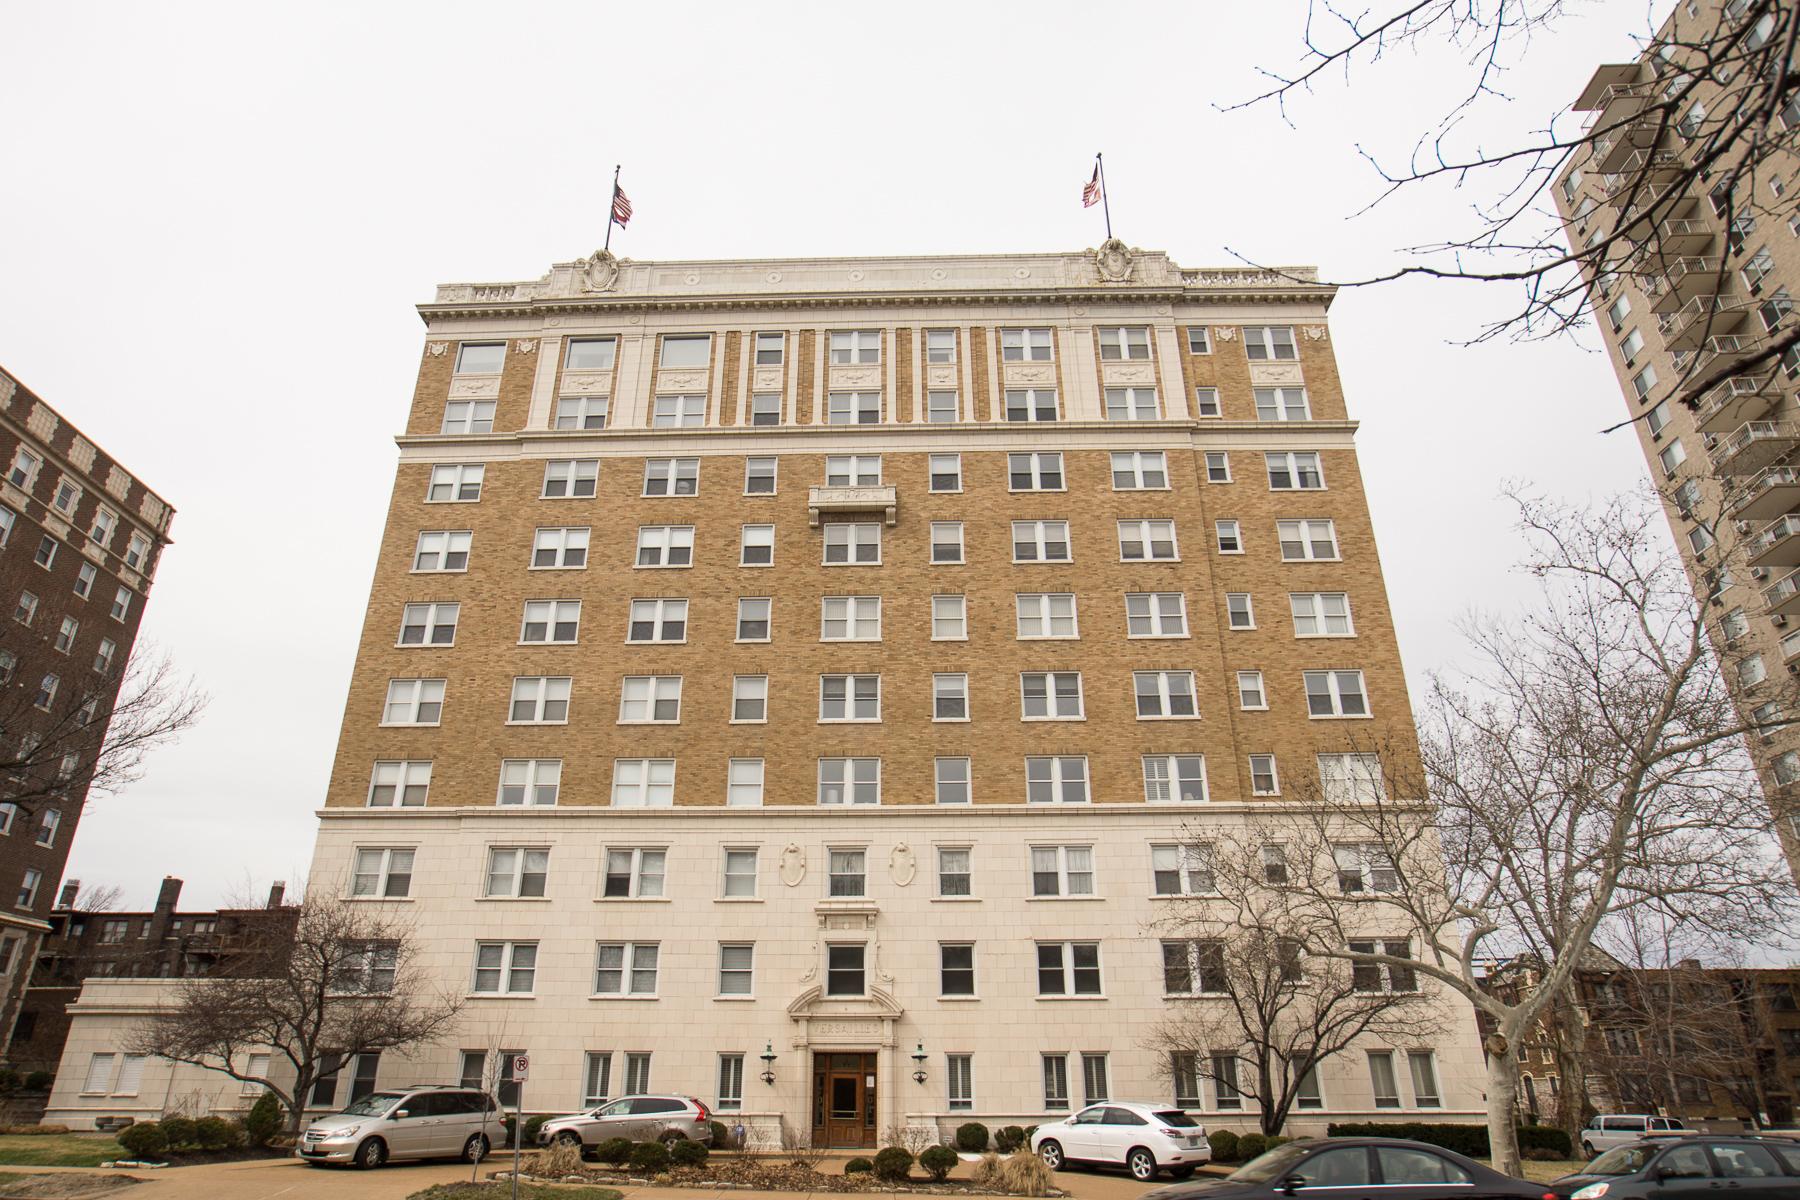 Condominium for Sale at The Versailles Condominium 701 S Skinker Blvd # 102 St. Louis, Missouri 63105 United States